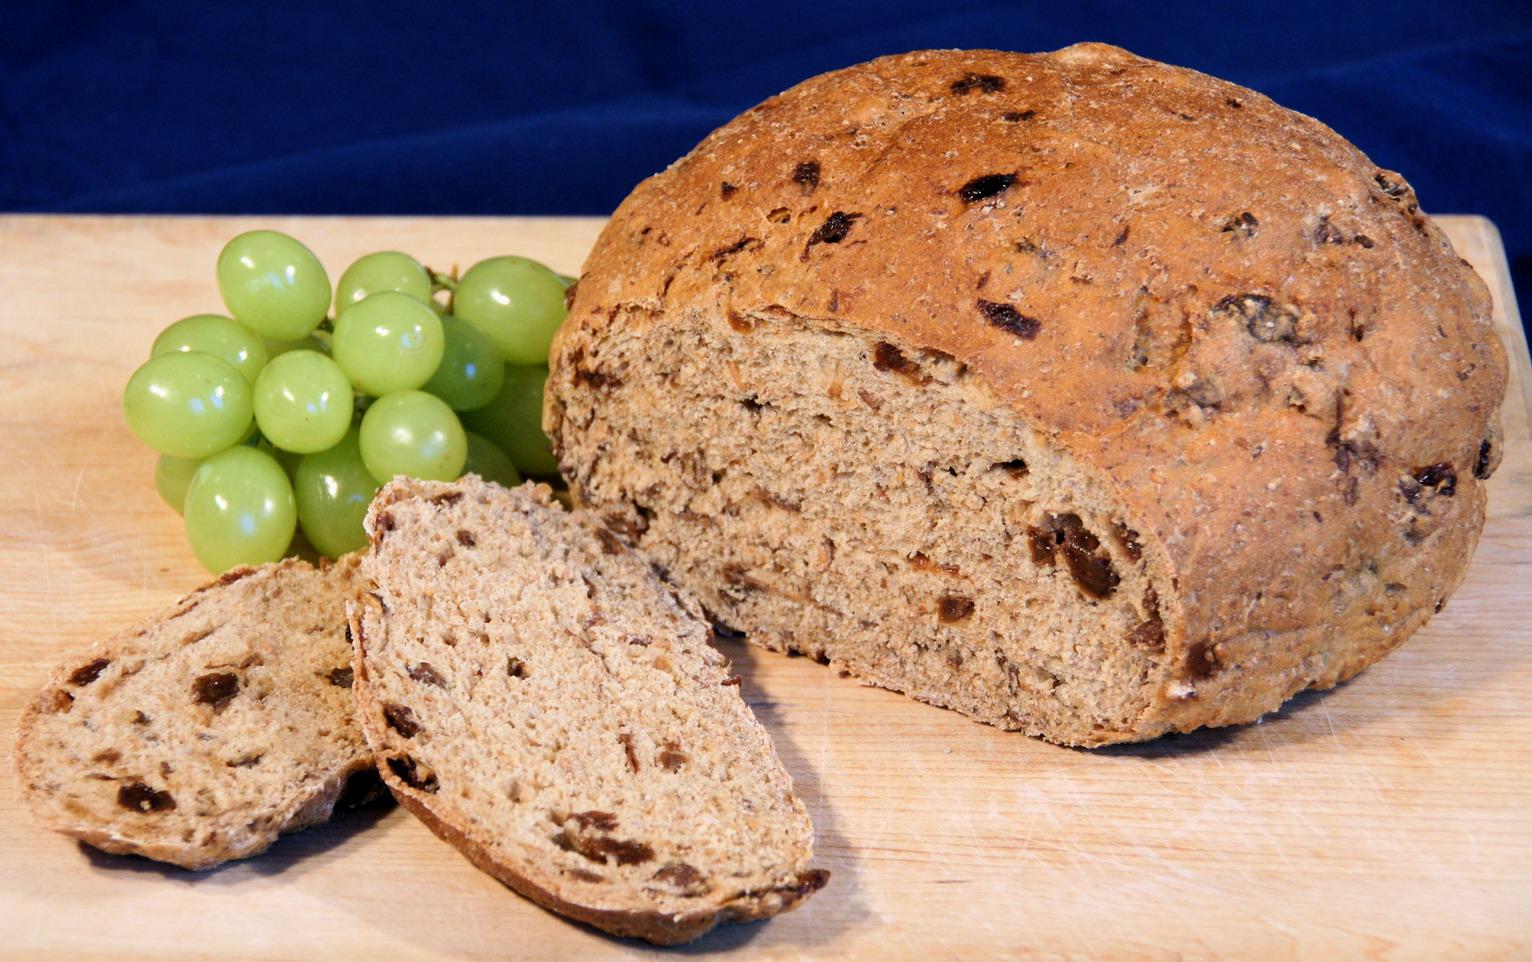 Rženi kruh z grozdjem in lešniki.